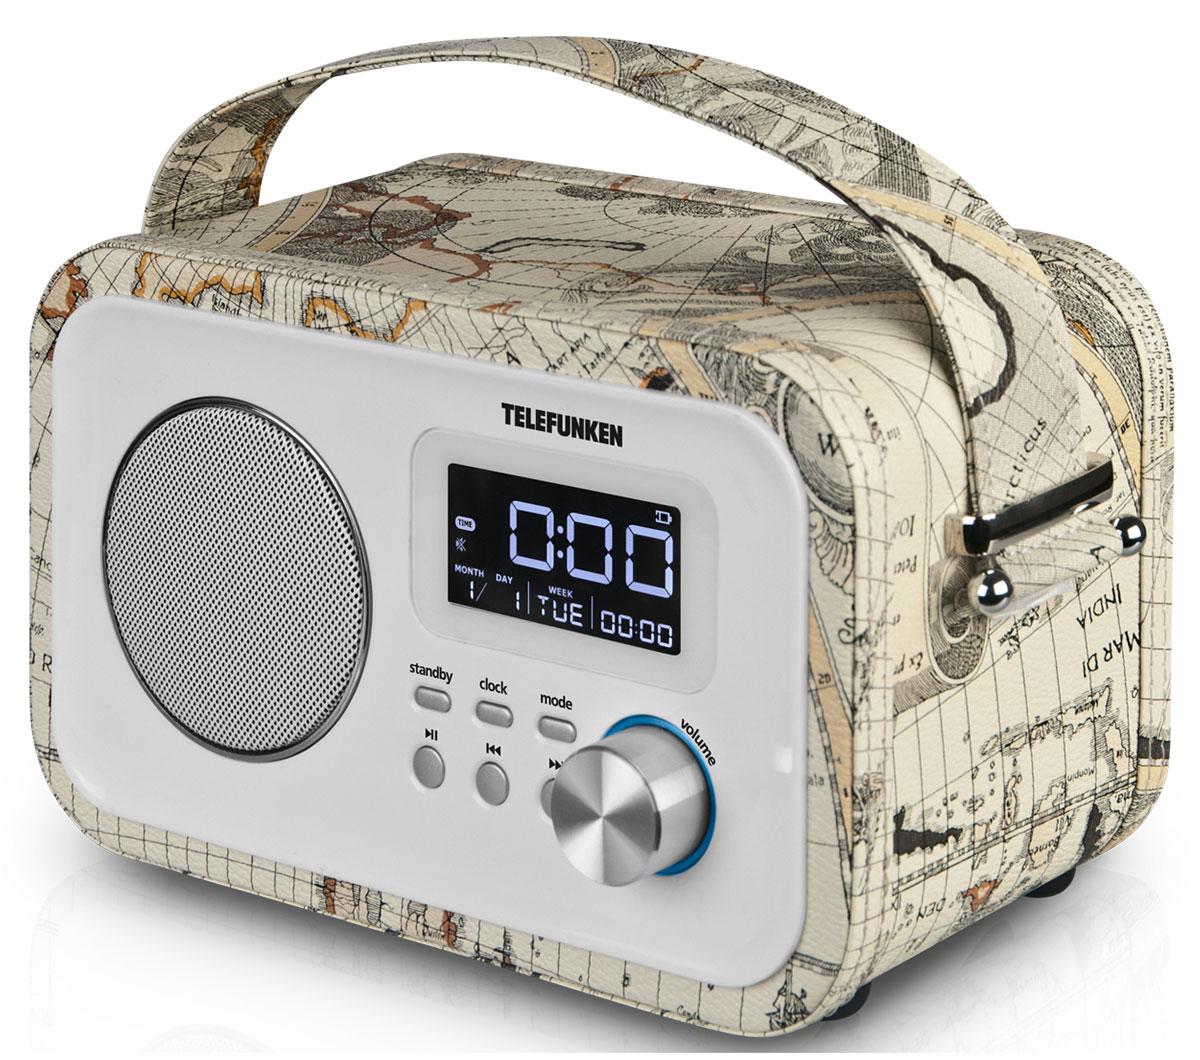 Telefunken TF-1636U, White радиоприемникTF-1636uTelefunken TF-1636U - стильный радиоприемник в корпусе с отделкой под кожу. Данная модель имеет цифровой FM-тюнер с памятью на 40 радиостанций, а также возможность воспроизведения MP3- файлов с USB - накопителей и SD/TF/MMC-карт. Приемник также оснащен ЖК-дисплеем с подсветкой. Пульт дистанционного управления поставляется в комплекте. Питание: от сети 220В/сменный аккумулятор BL-5C, 800мА/ч Телескопическая антенна Поддержка карт памяти SD/TF/MMC Разъемы: USB 2.0, miniUSB, AUX In, выход на наушники 3,5 мм Ручка для переноски Материал корпуса: пластик/ кожзаменитель